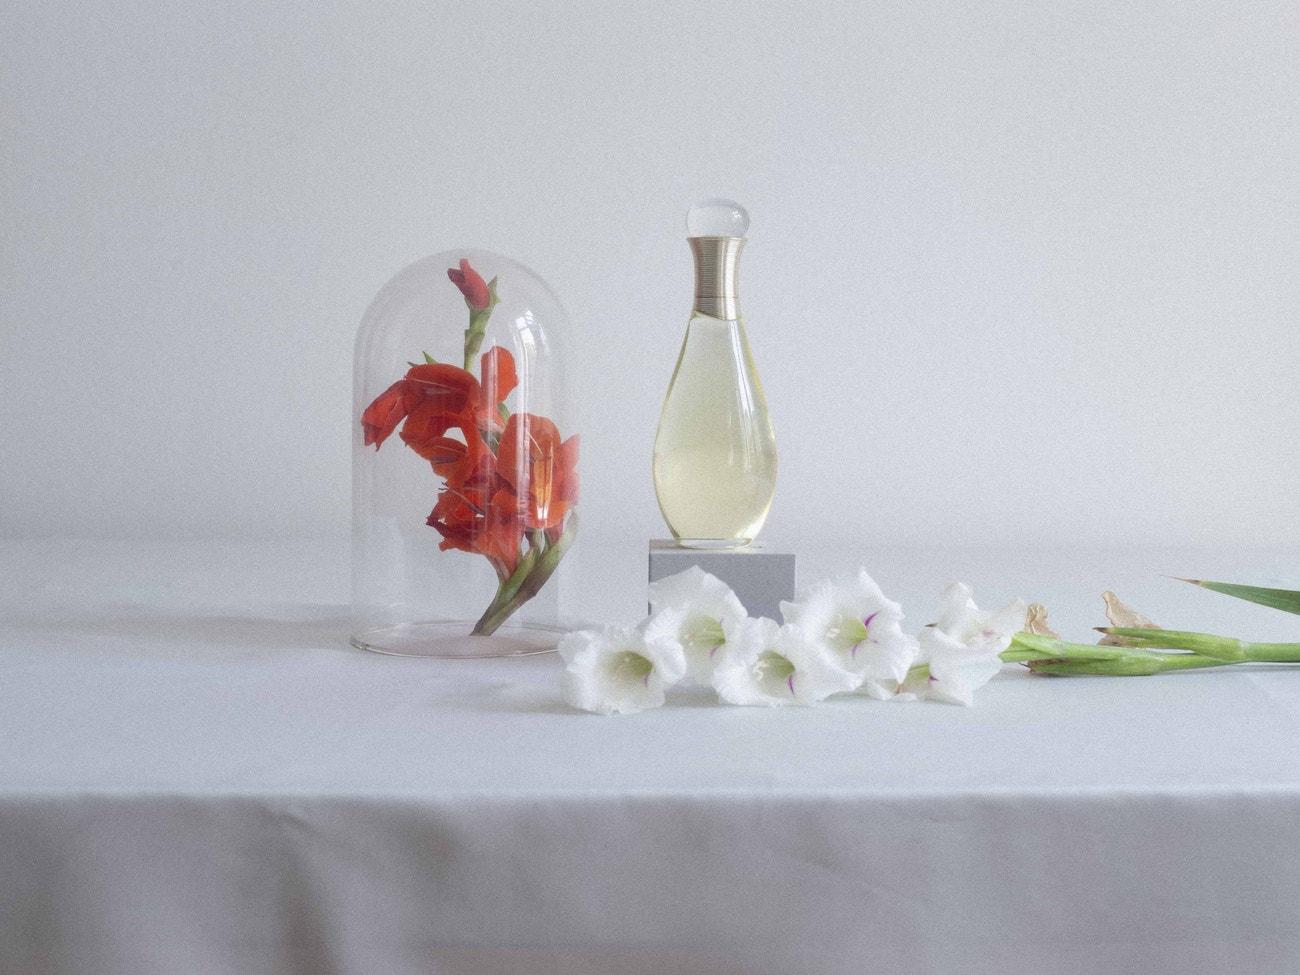 Suchý olej na tělo a vlasy J'Adore Huile Divine, DIOR, prodává FAnn, 1800 Kč